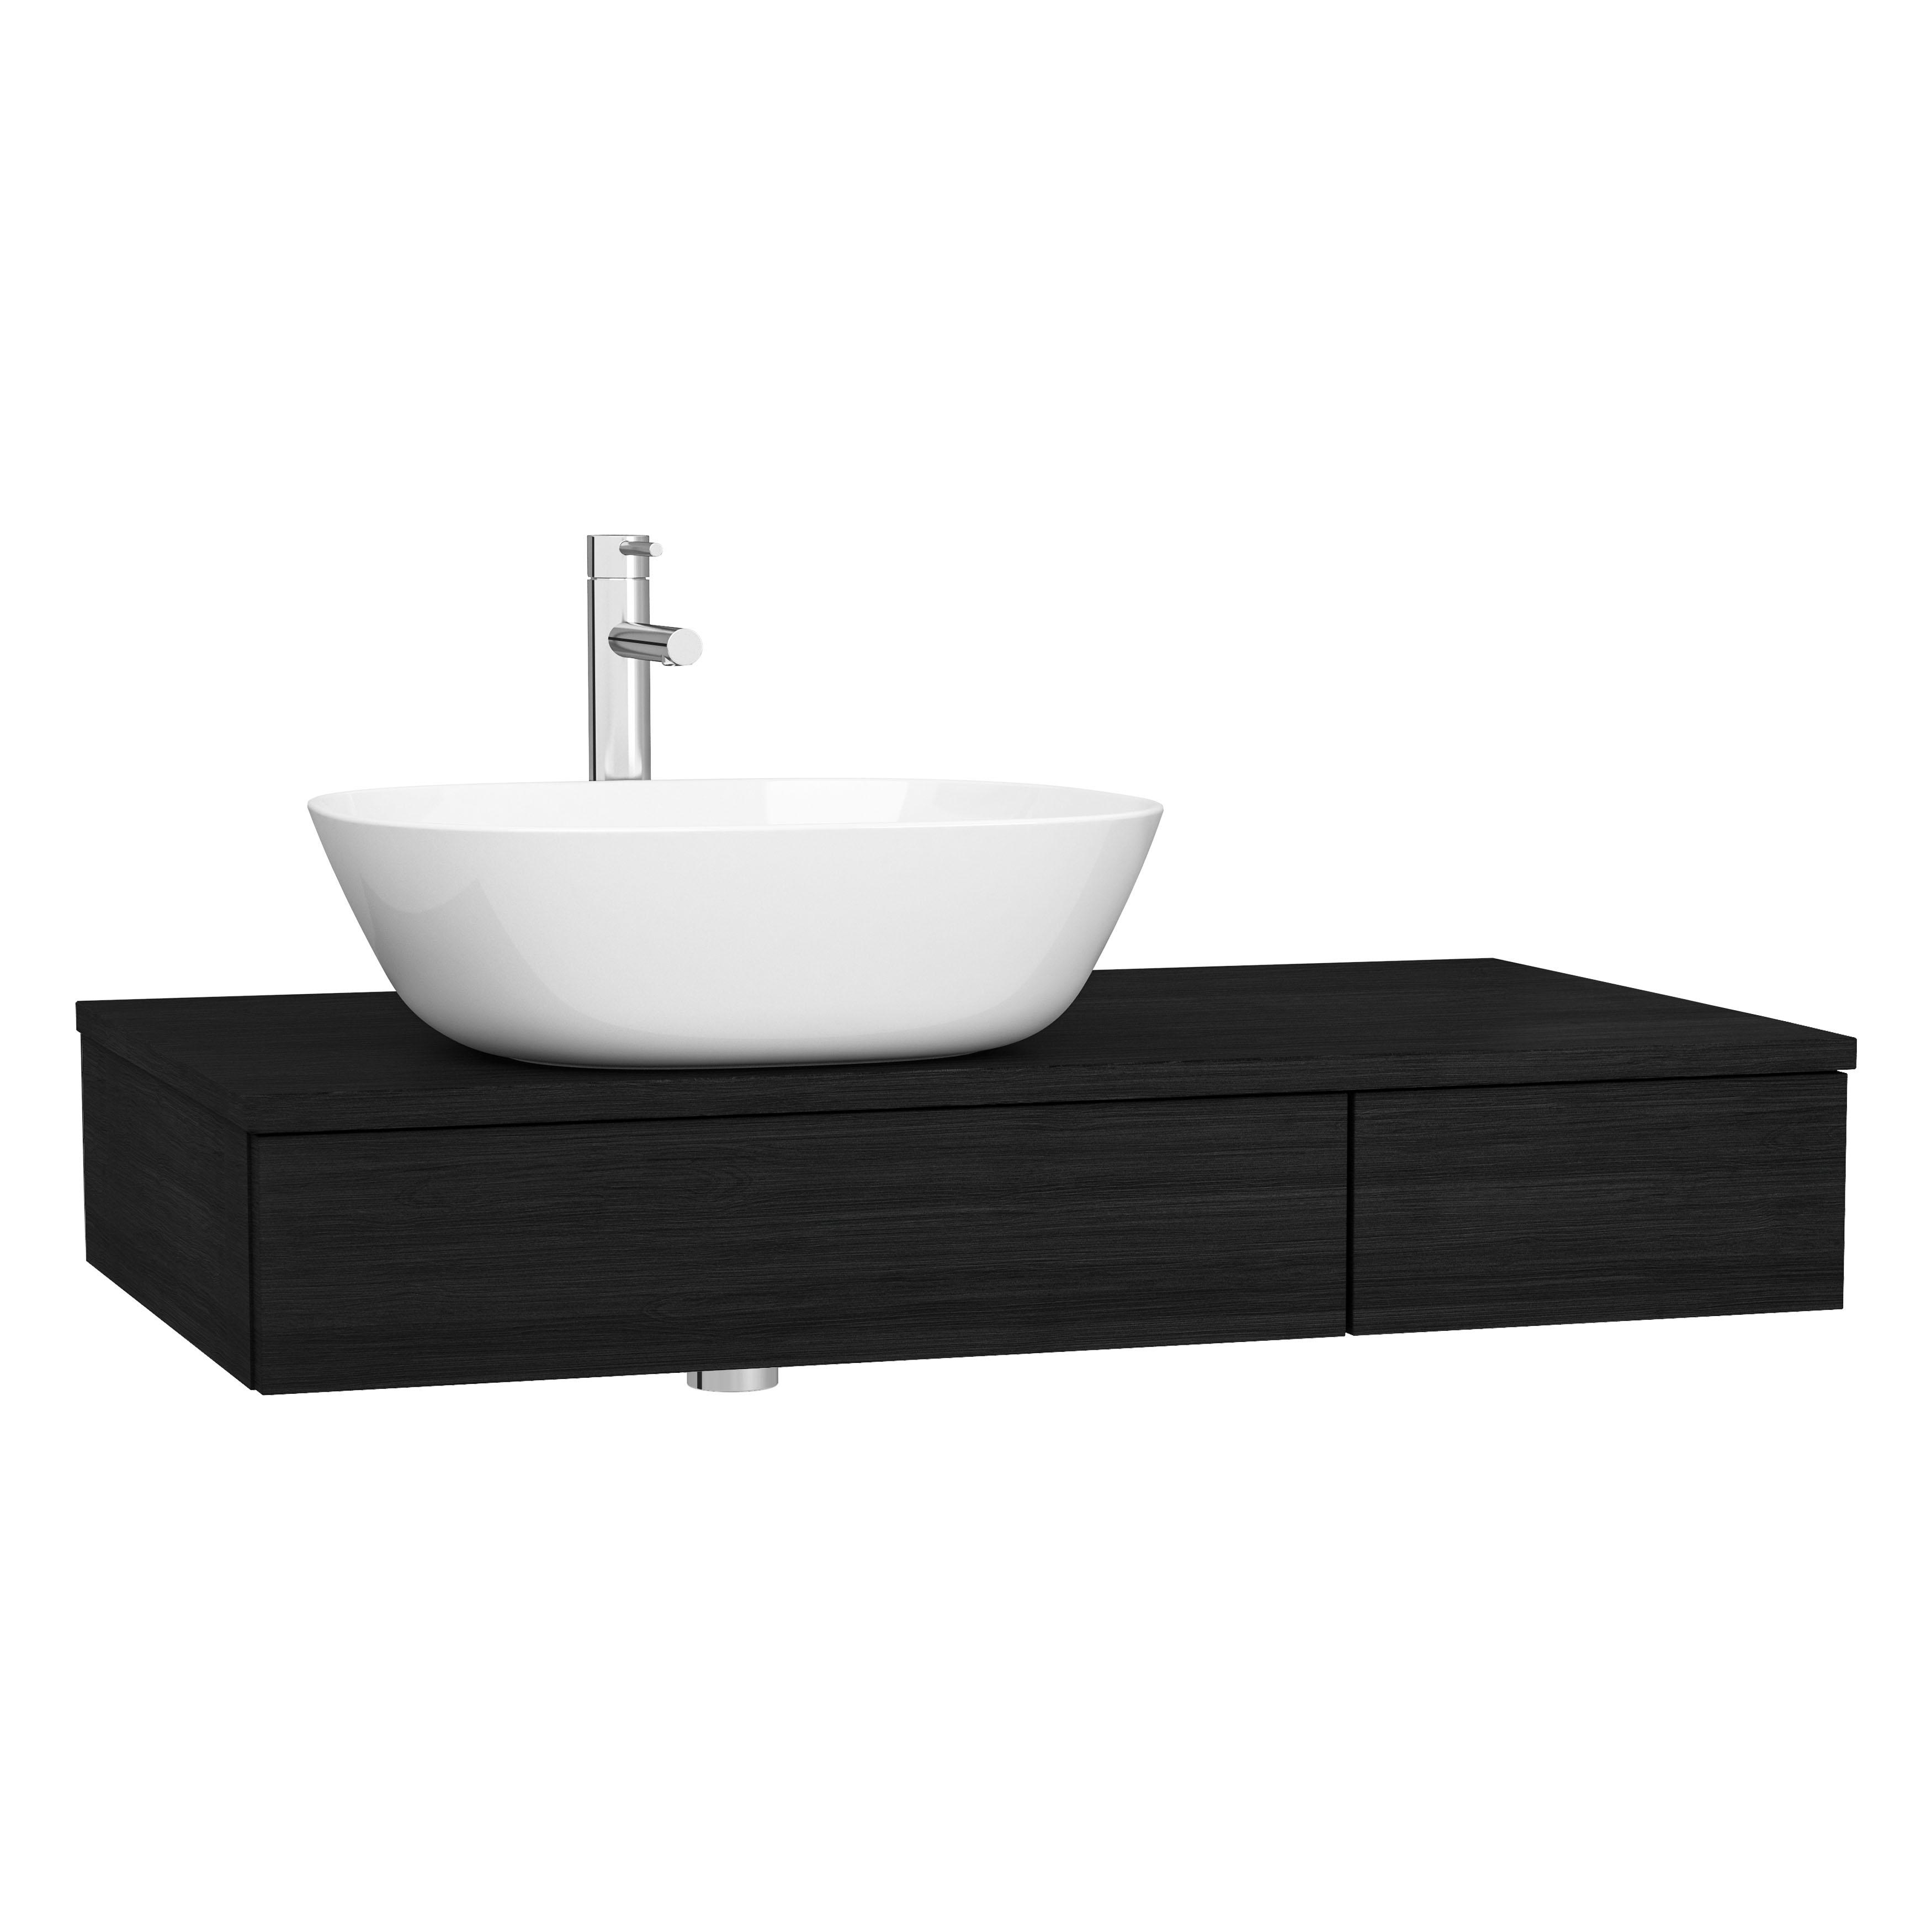 Origin plan de toilette avec tiroir, 90 cm, chêne noir structure, gauche